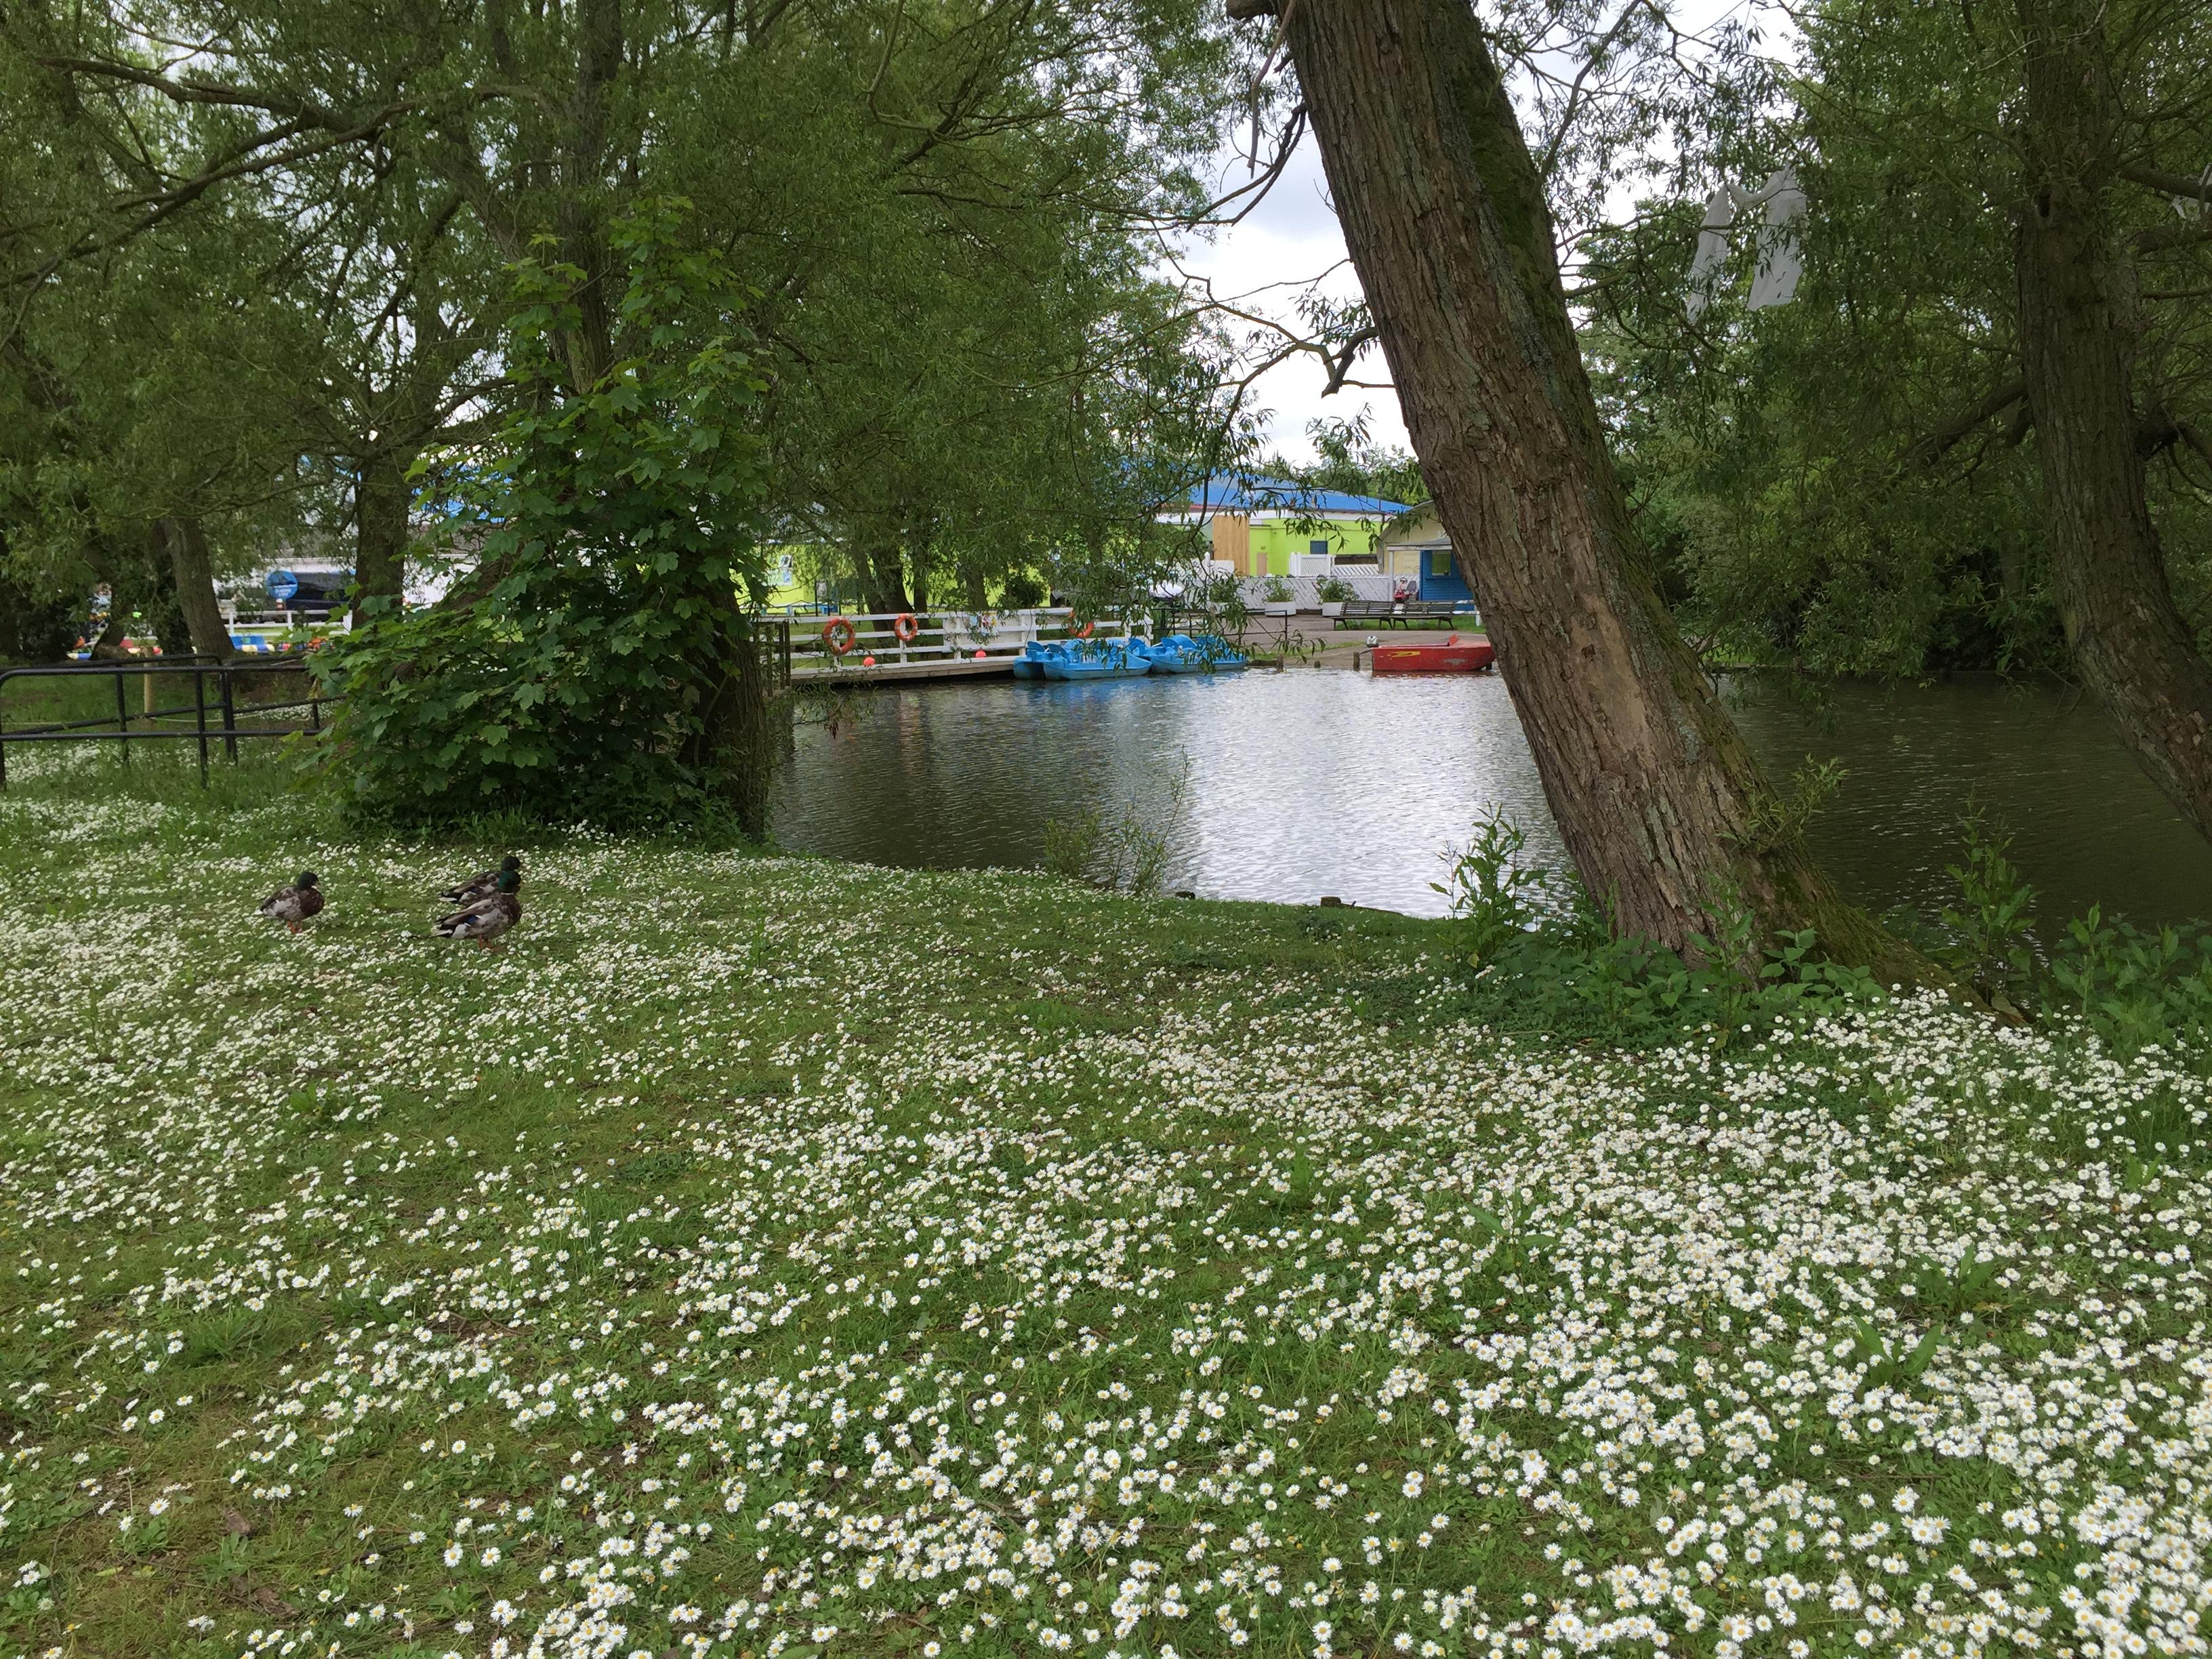 primrose park haven scarborough review caravan park